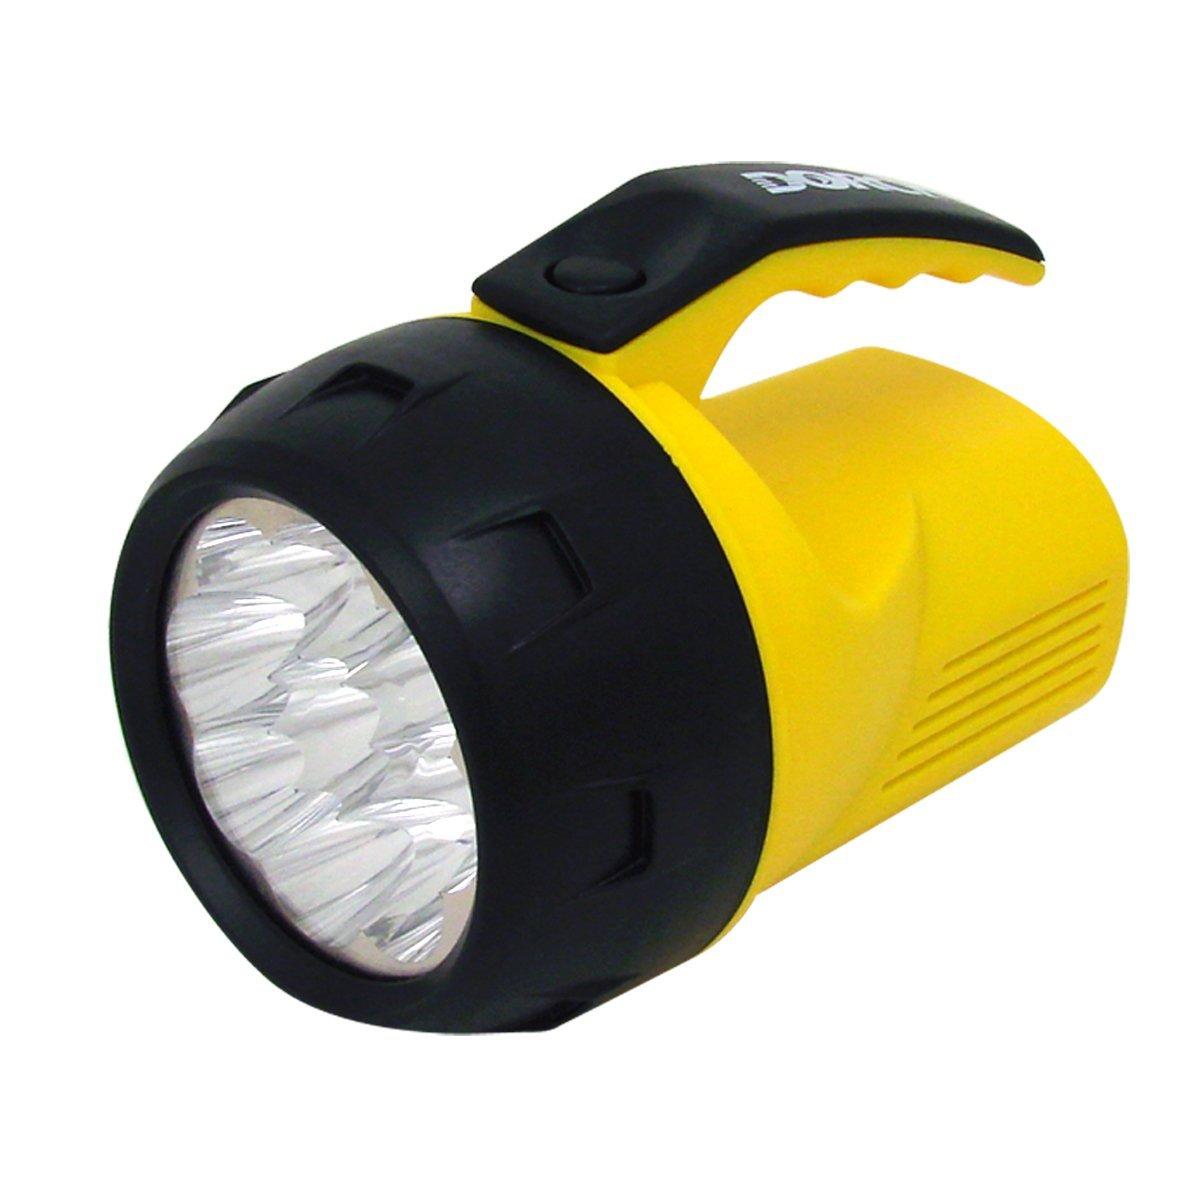 Flashlight head clip art